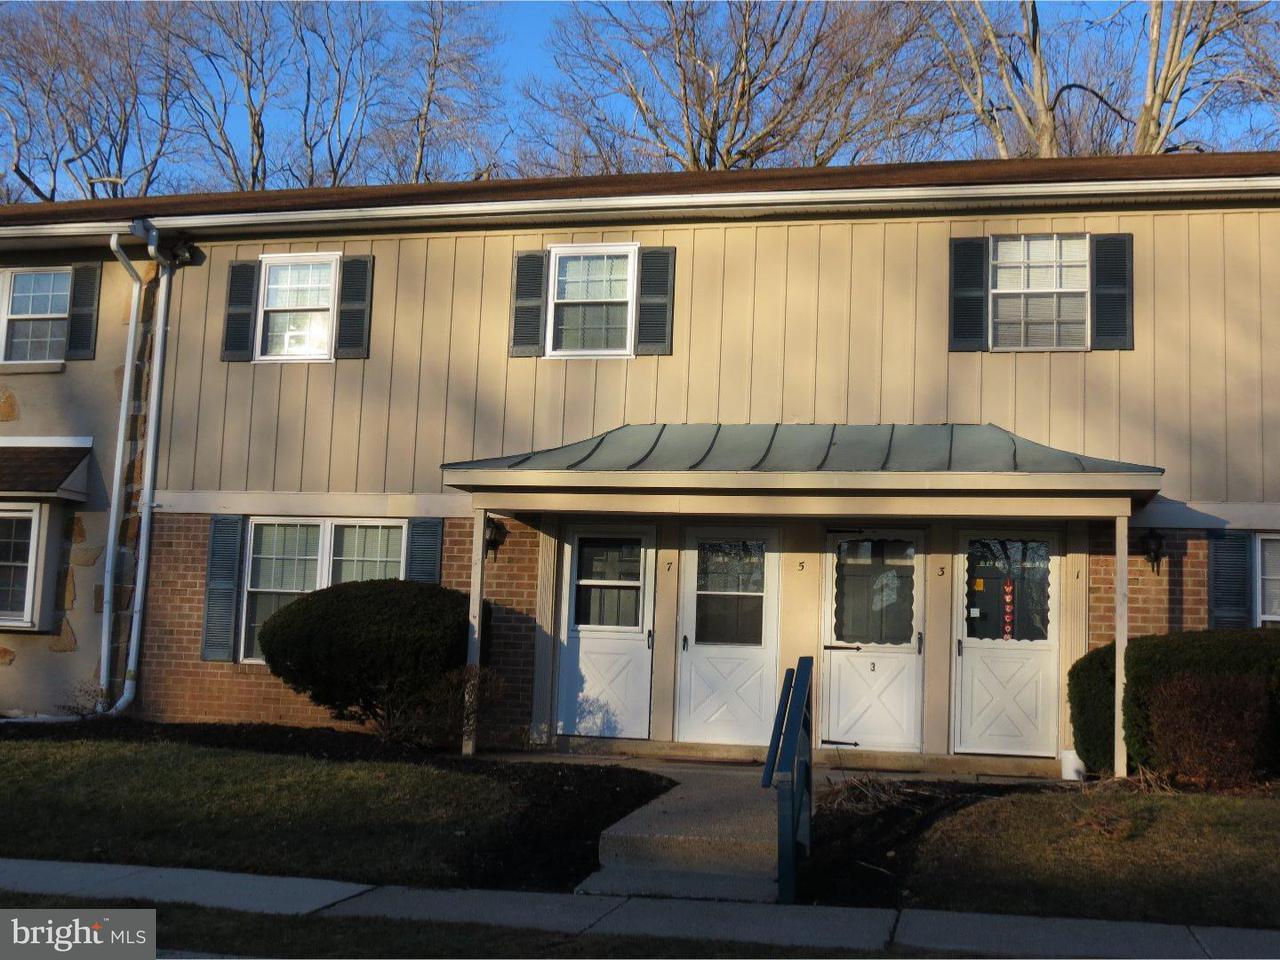 Casa Unifamiliar por un Alquiler en 5 SHANNON Drive North Wales, Pennsylvania 19454 Estados Unidos